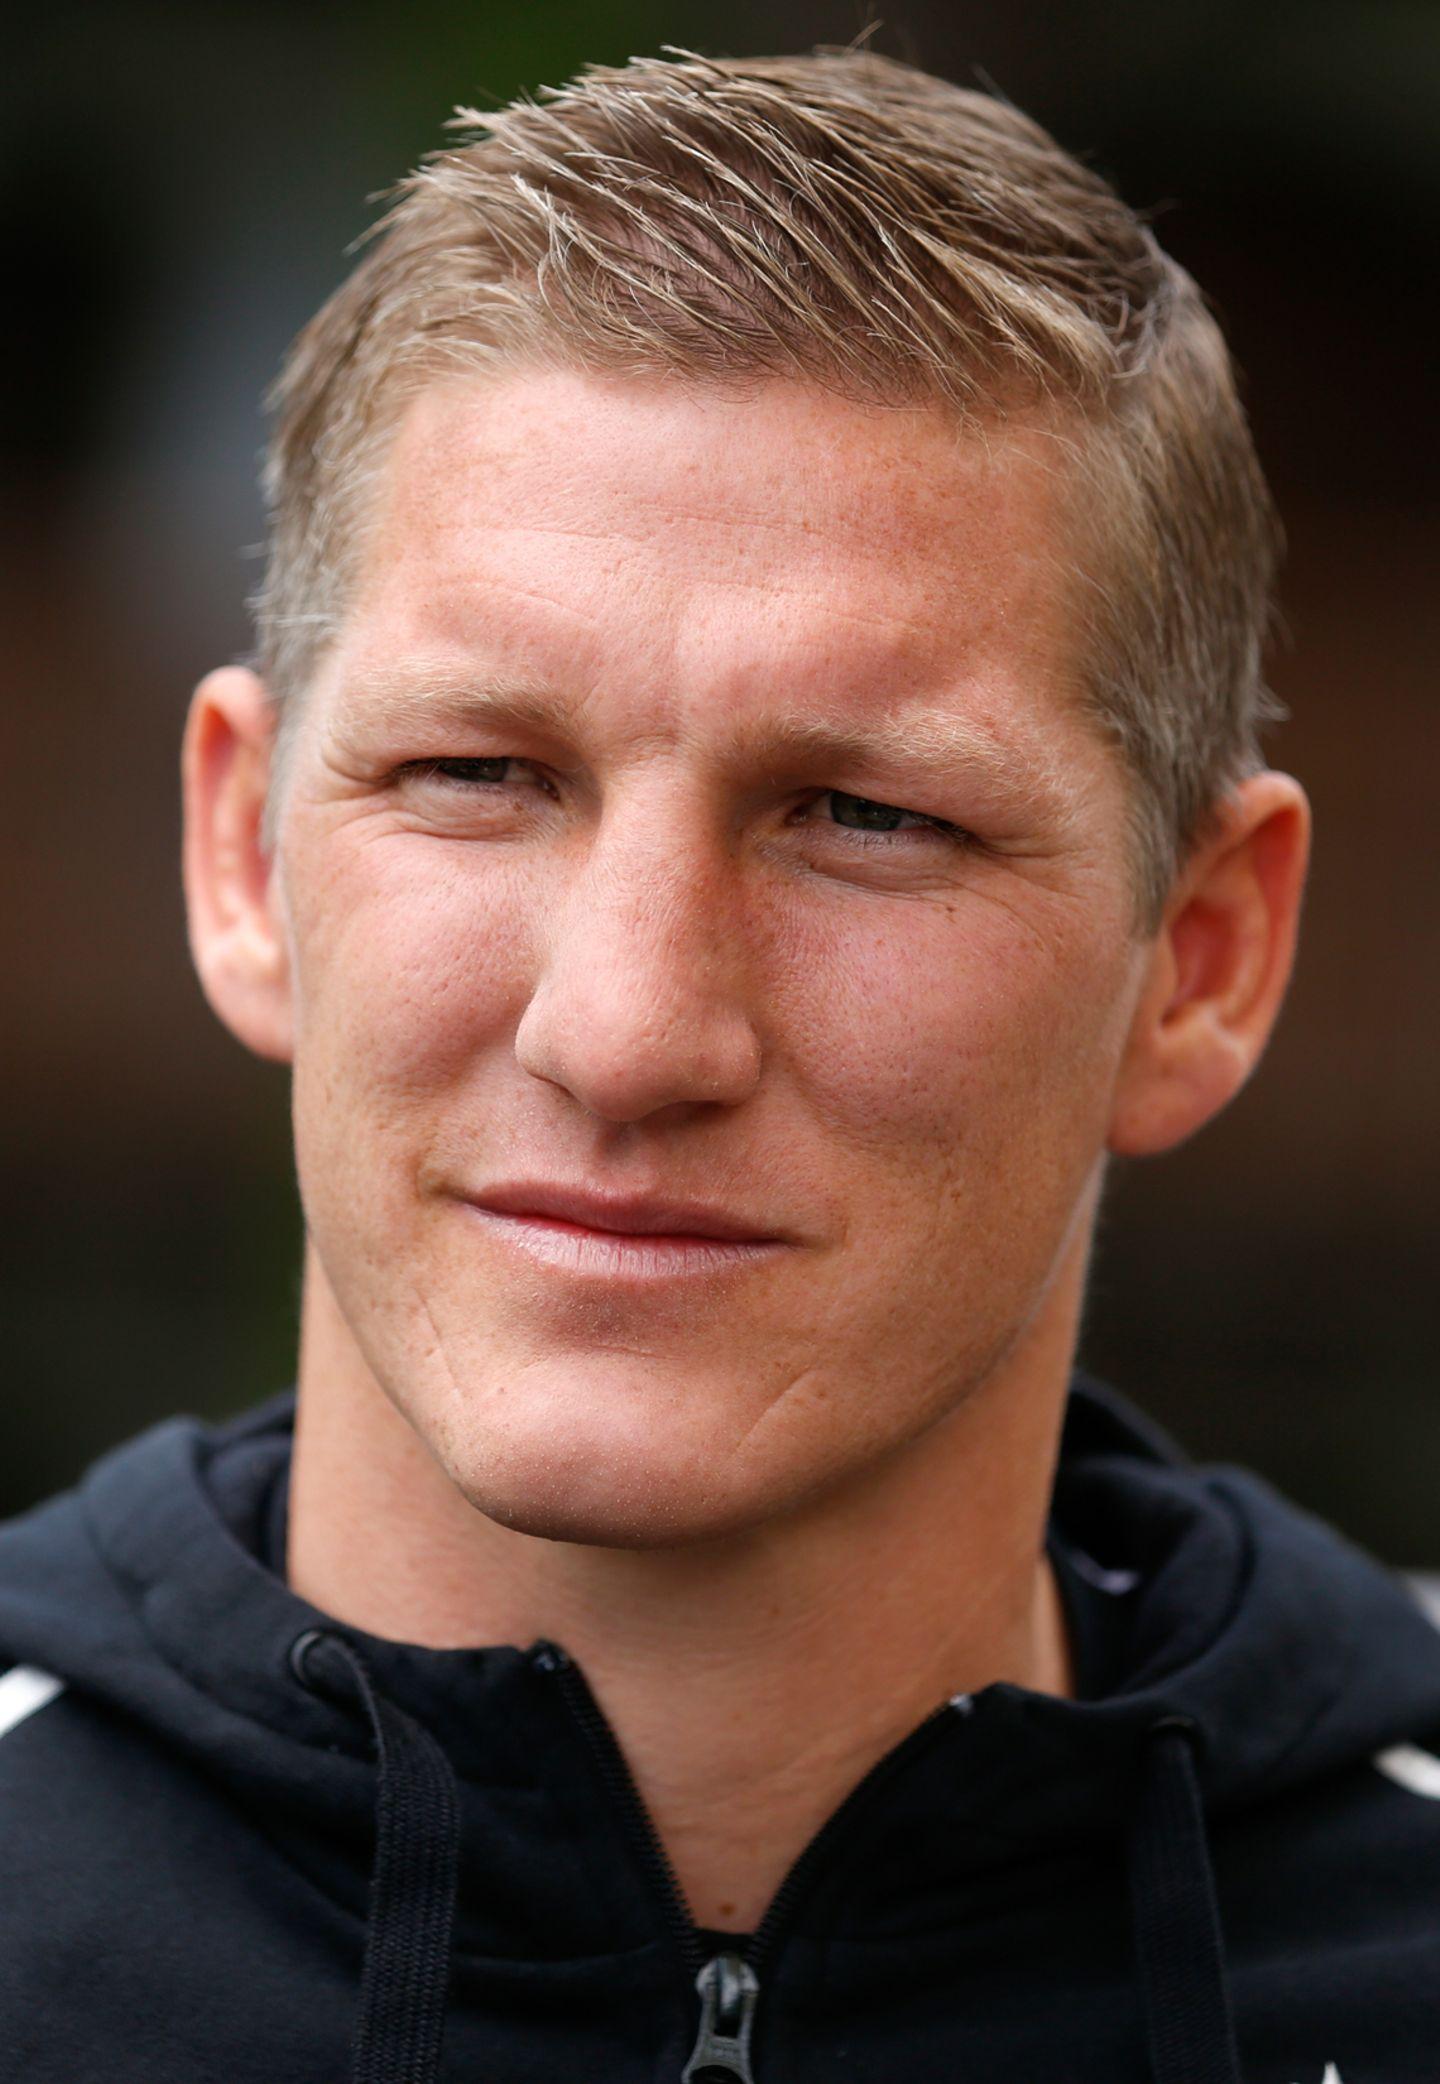 Seit inzwischen zehn Jahren spielt Mittelfeldakteur Bastian Schweinsteiger für die deutsche A-Nationalmannschaft. Über die Zeit trug er so einige ausgefallene Frisuren spazieren, doch dieser kurze, wenig gestylte Schnitt gefällt uns eindeutig besser.